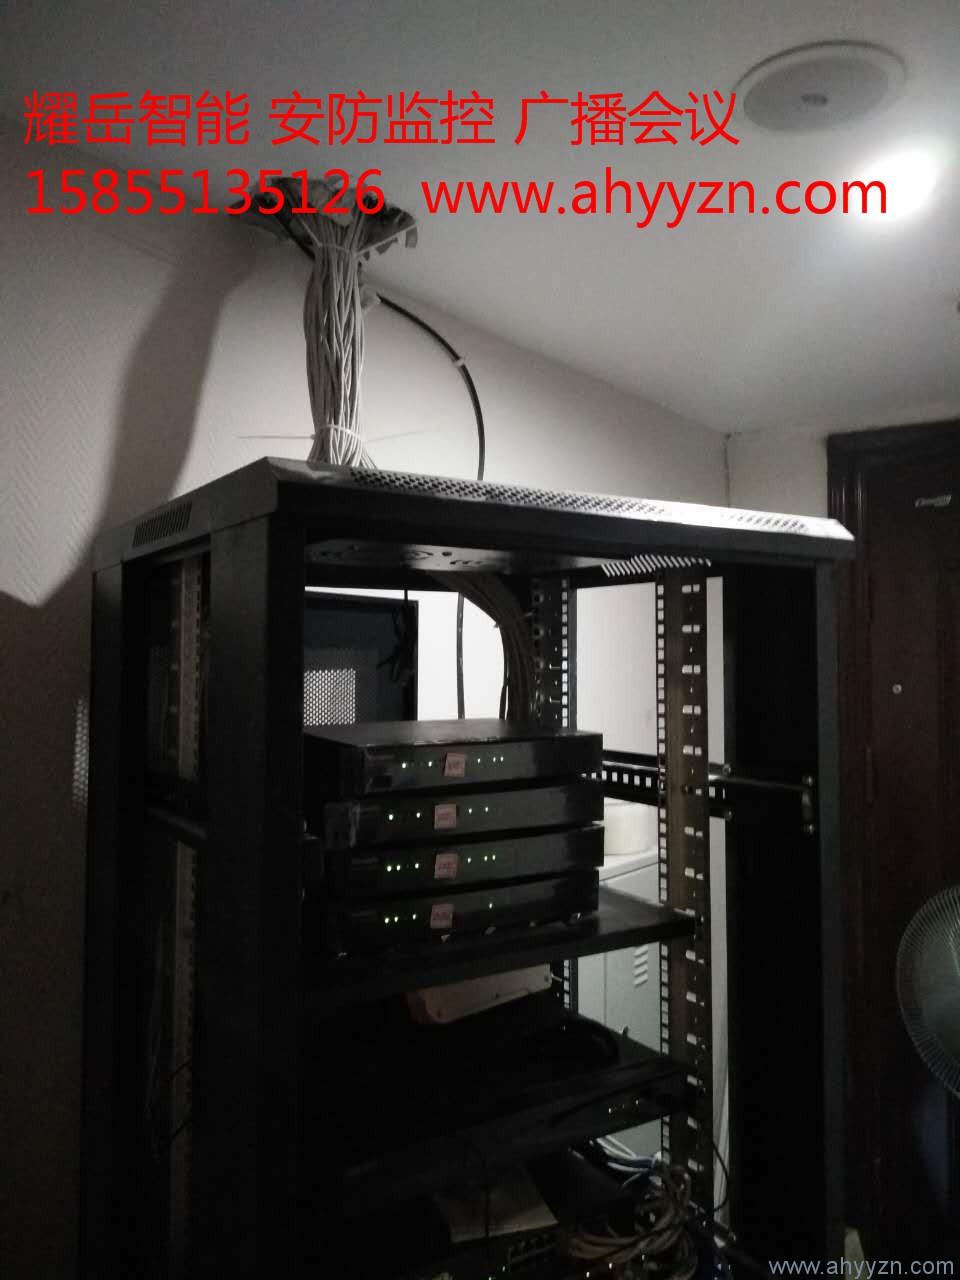 合肥综合布线系统 机房管理系统